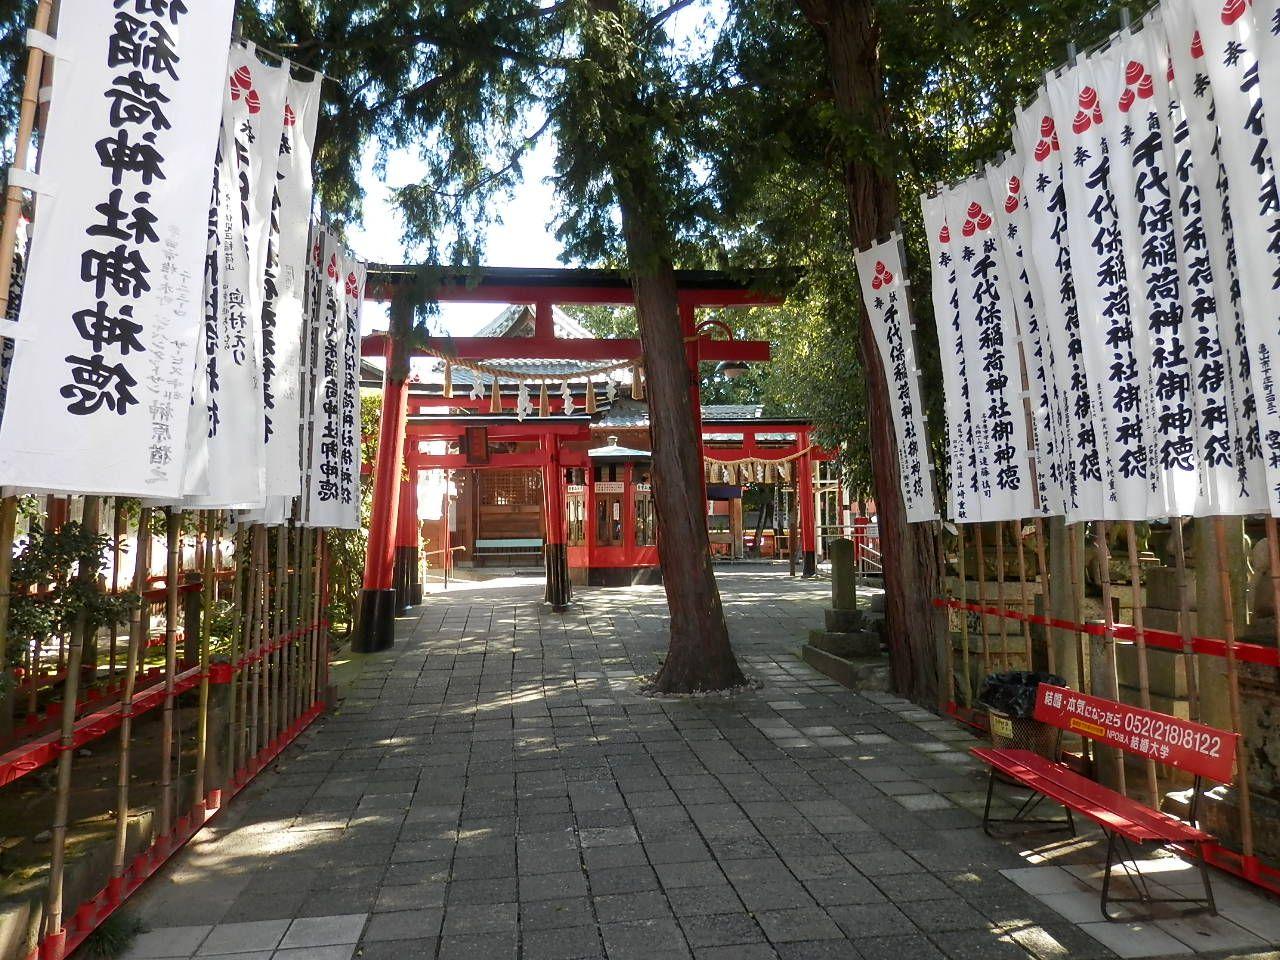 商売繁盛の神様「千代保稲荷神社(おちょぼさん)」